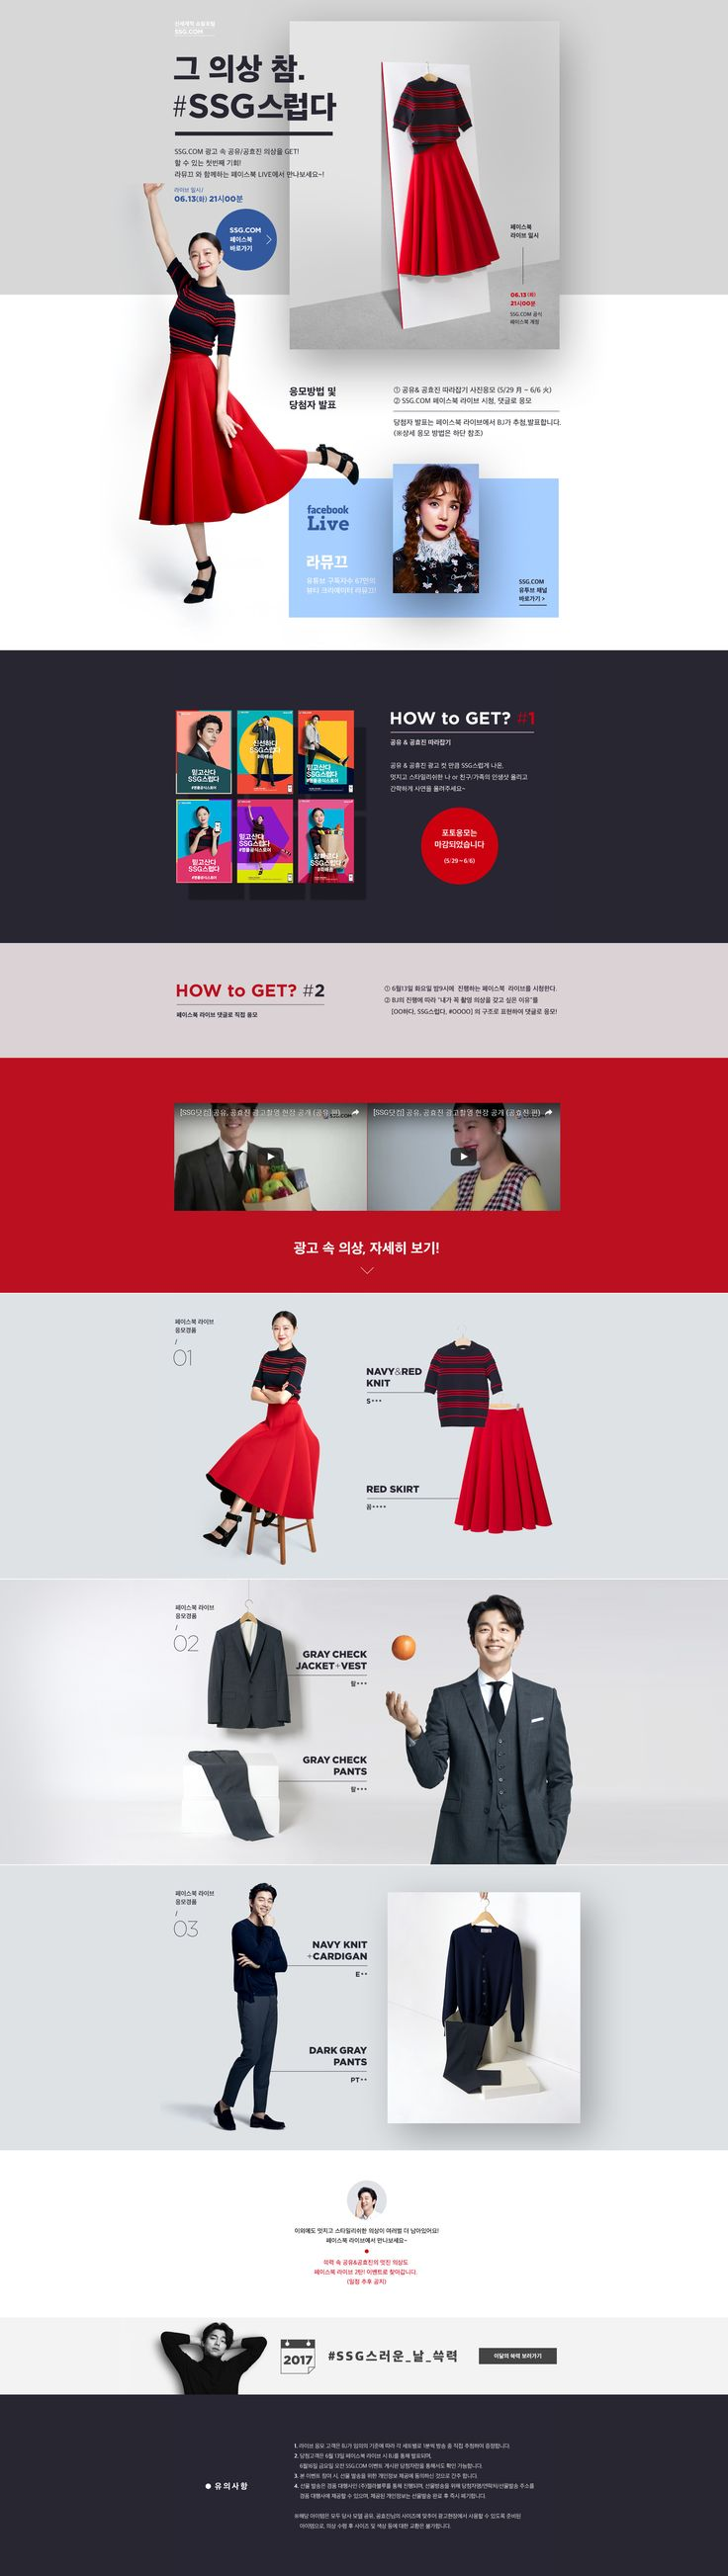 #2017년6월 1주차 #ssg닷컴 #그녀의 쇼핑몰 www.ssg.com